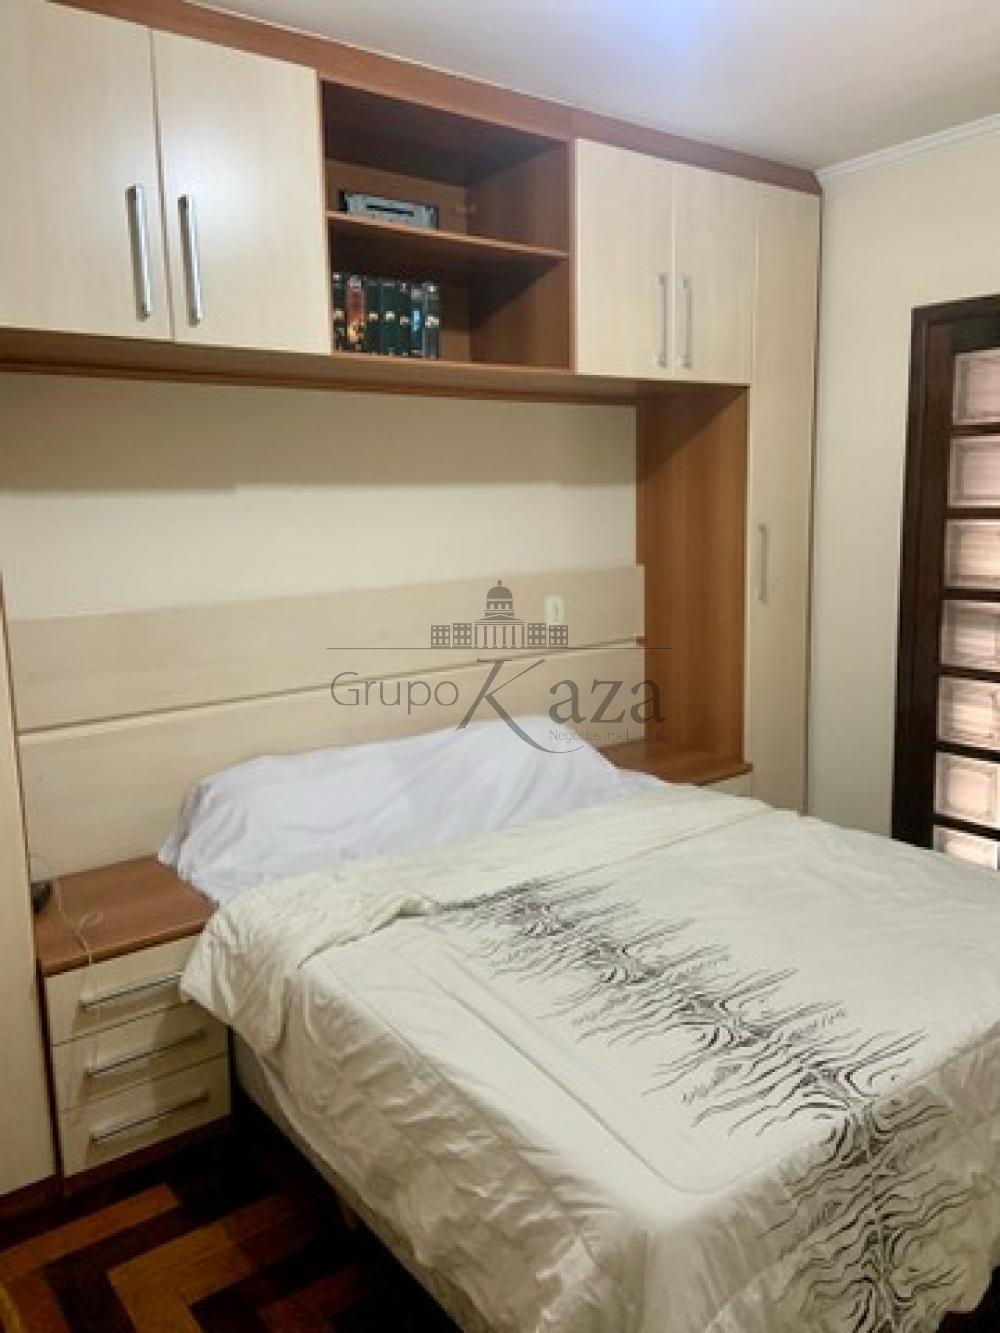 Comprar Casa / Geminada em São José dos Campos R$ 748.000,00 - Foto 3